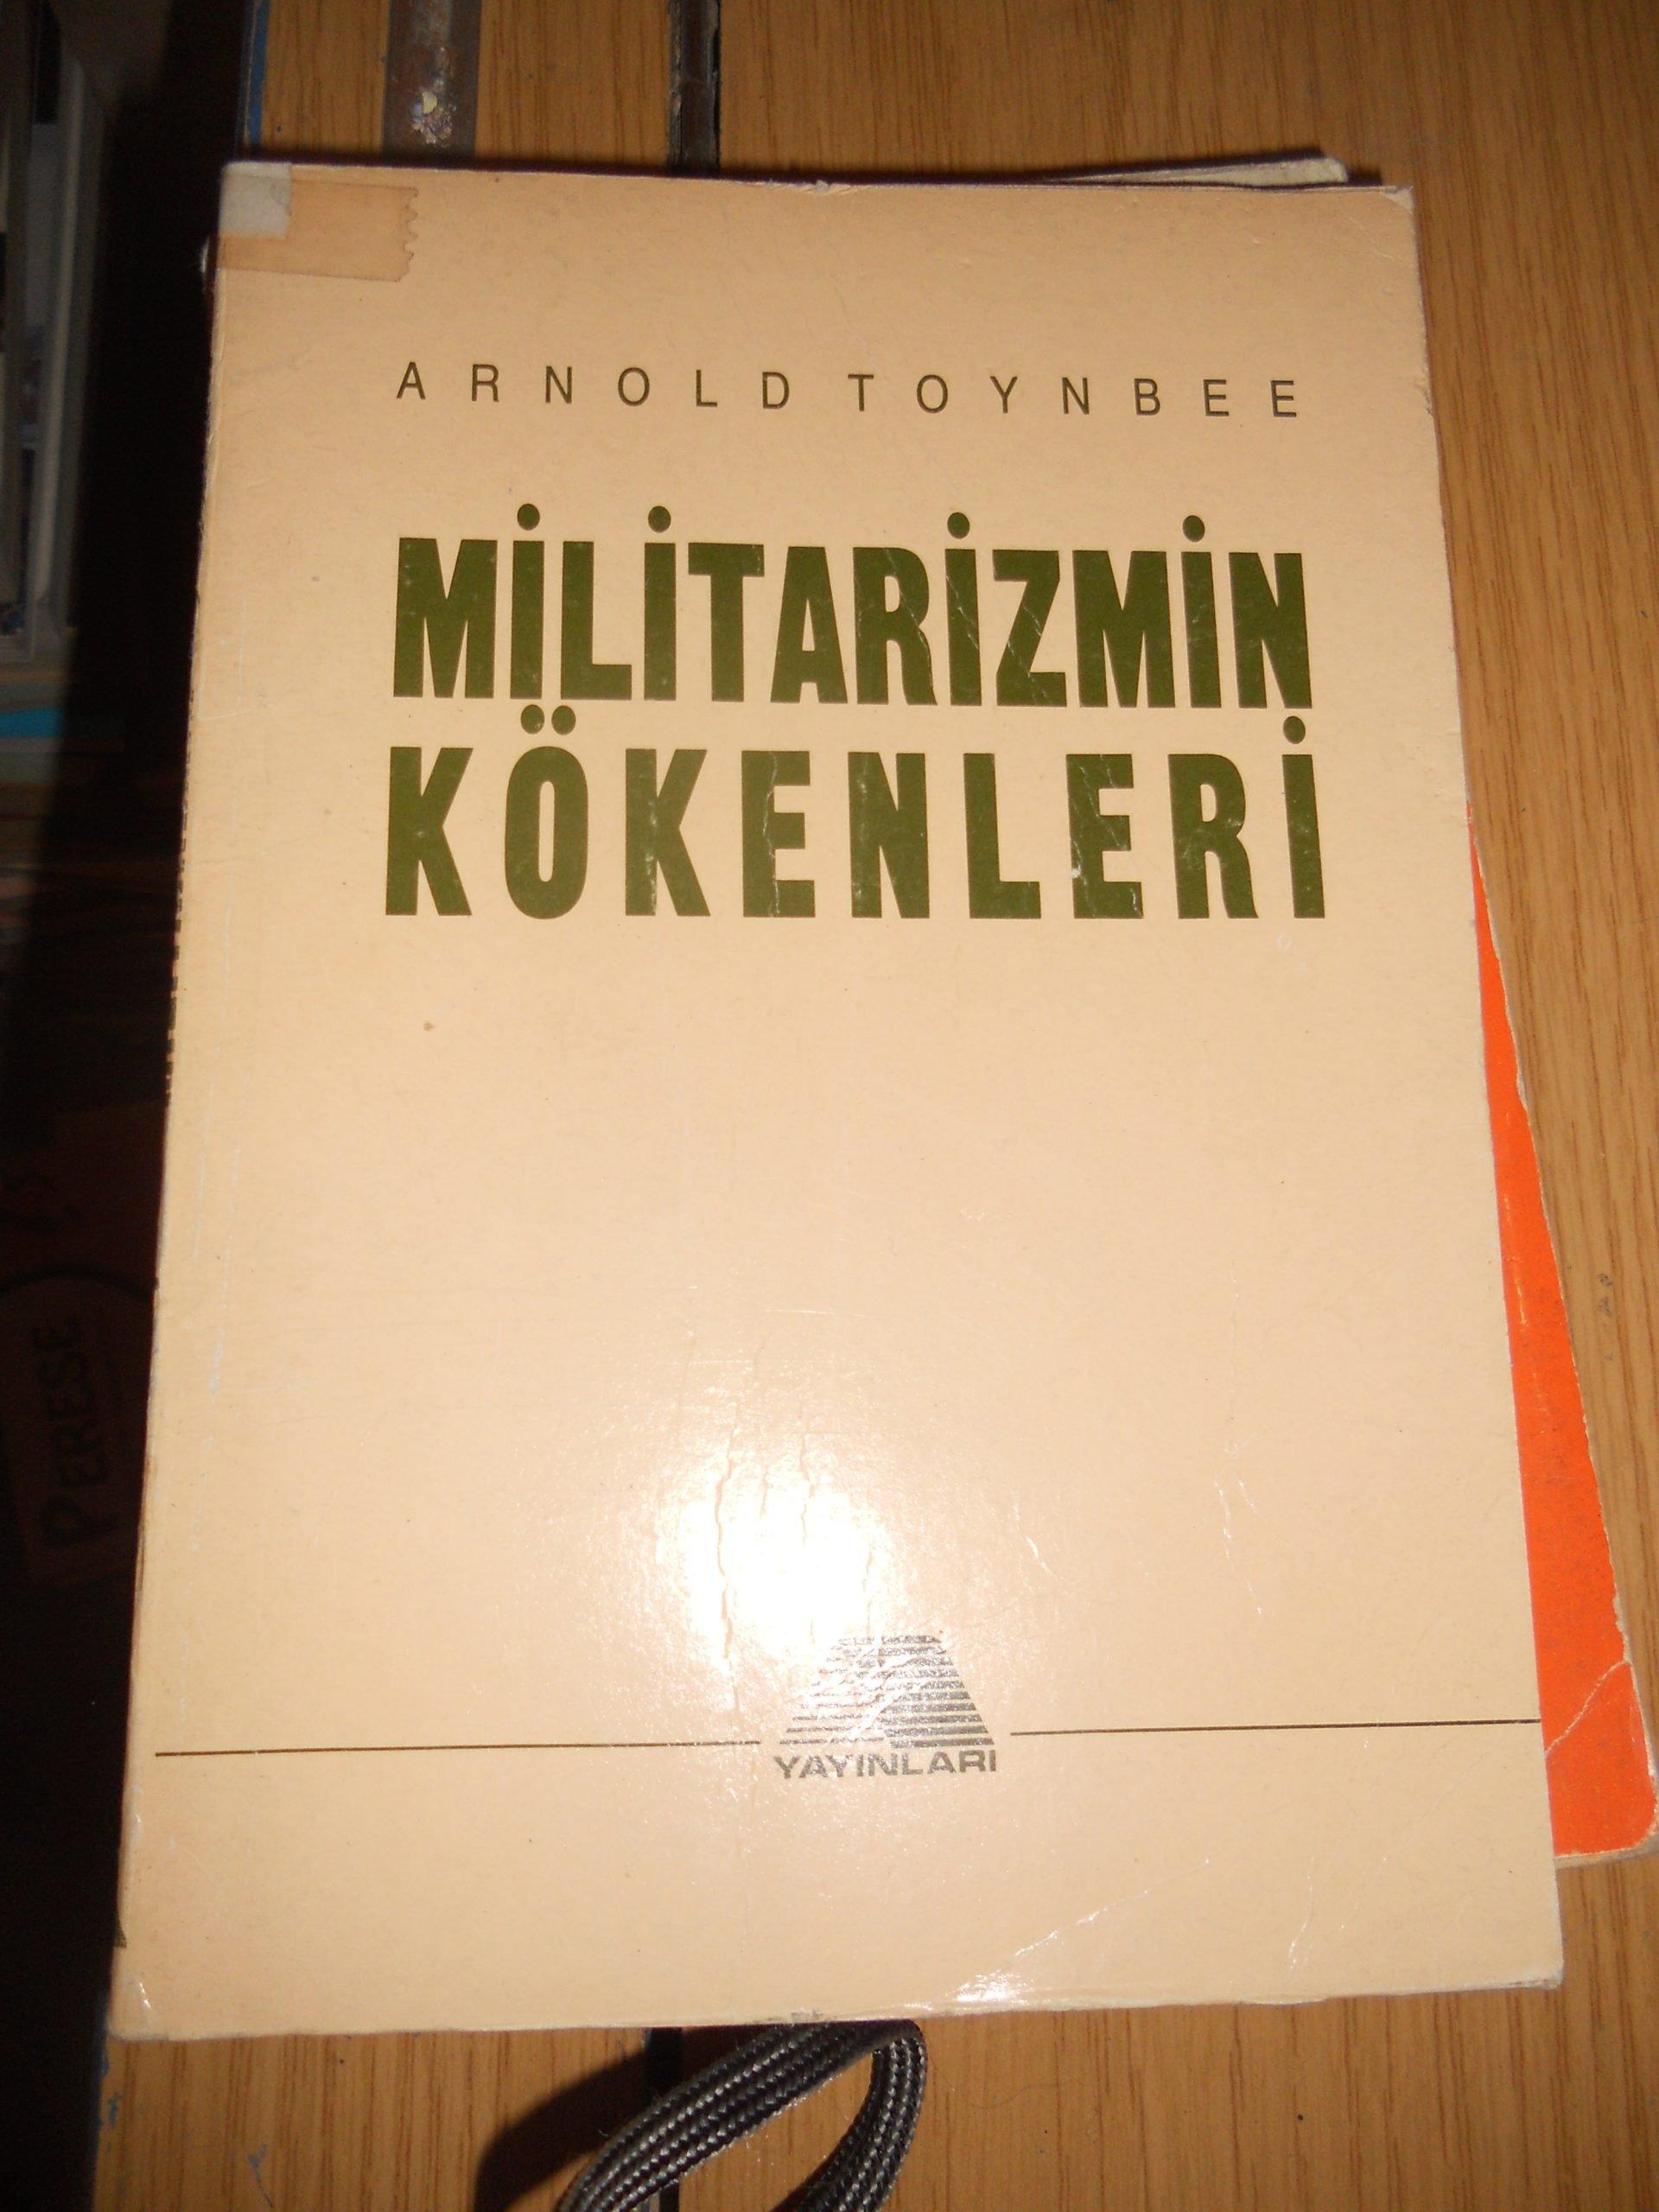 MİLİTARİZMİN KÖKENLERİ/Arnold TOYNBEE/10 TL